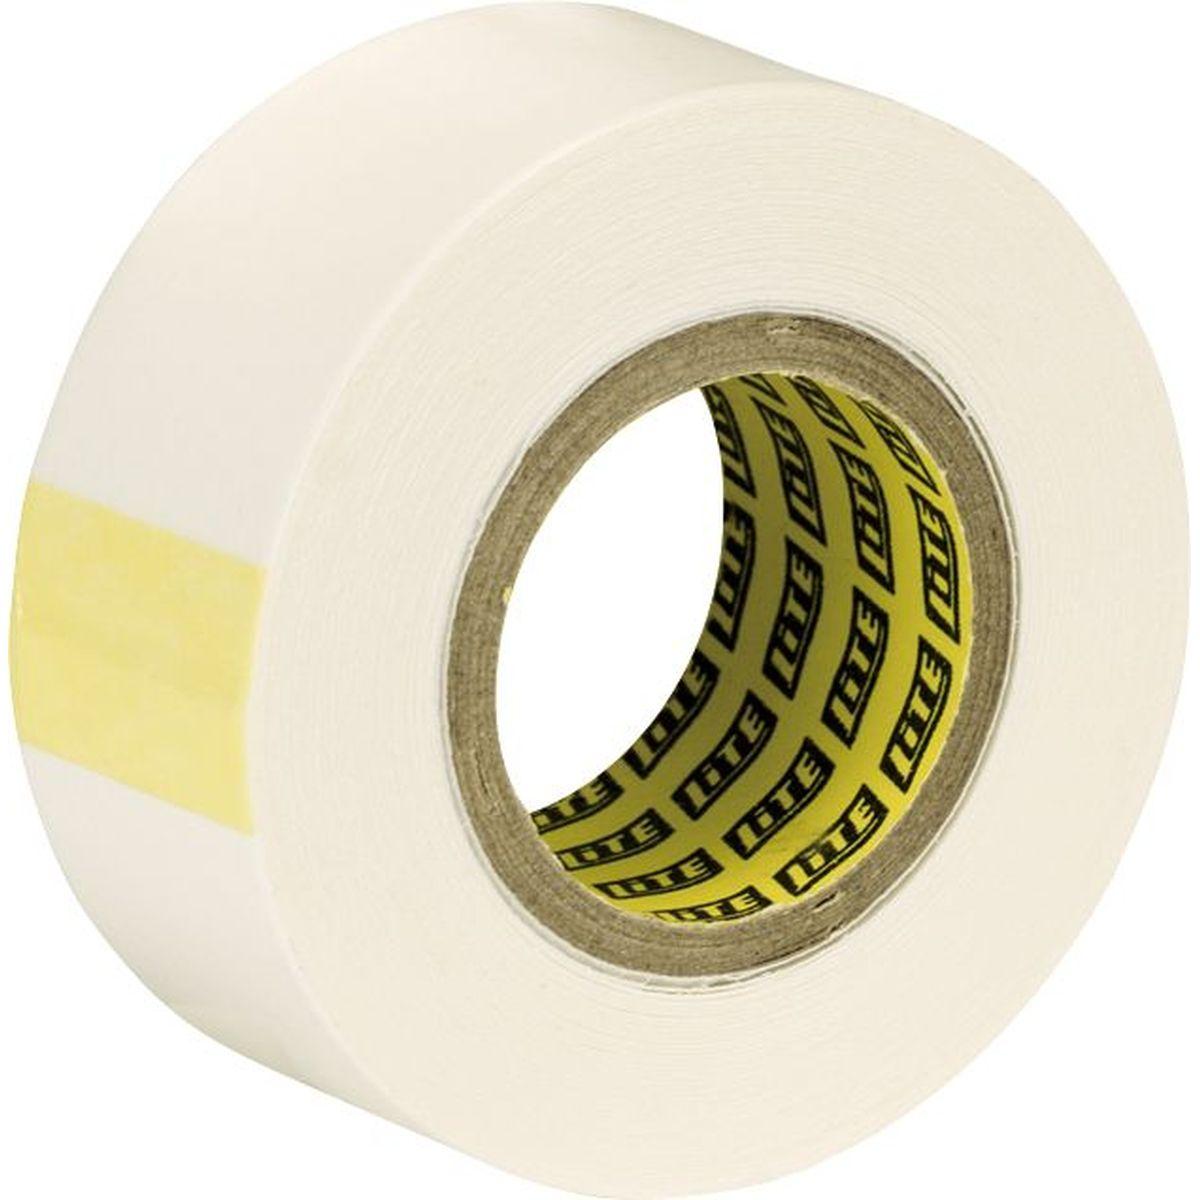 ライト ■ライト G-335 グリップ用 両面テープ 5m G-335